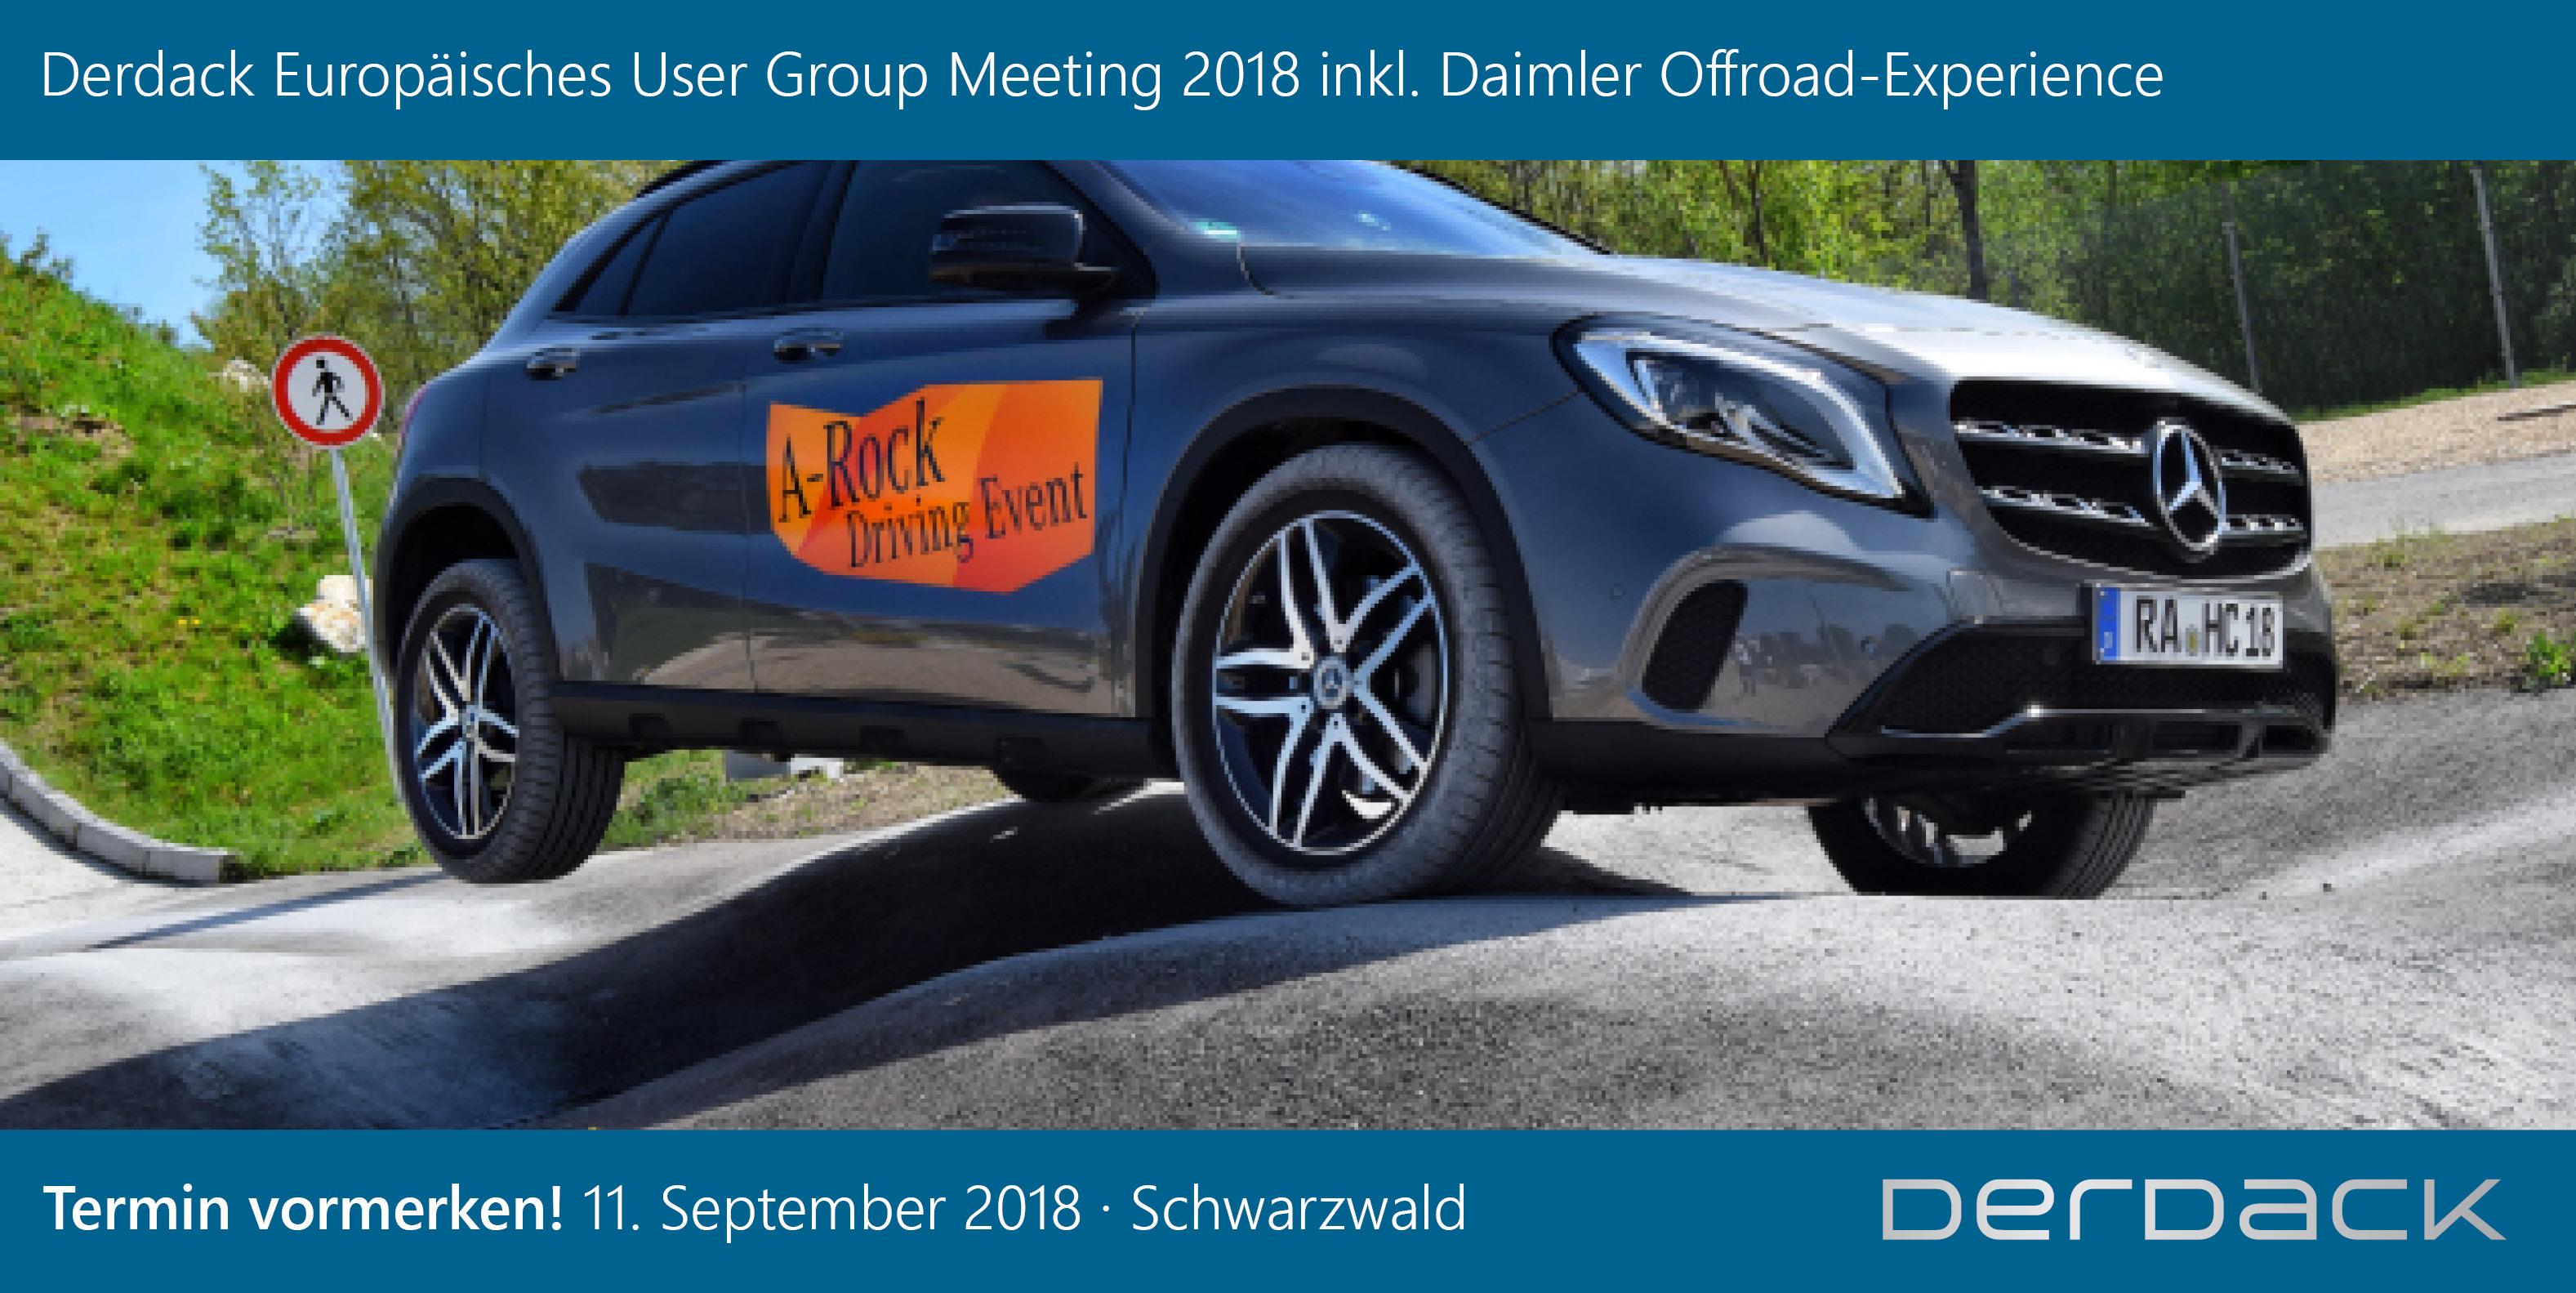 Derdack Europäisches User Group Meeting 2018 (DEUGM)